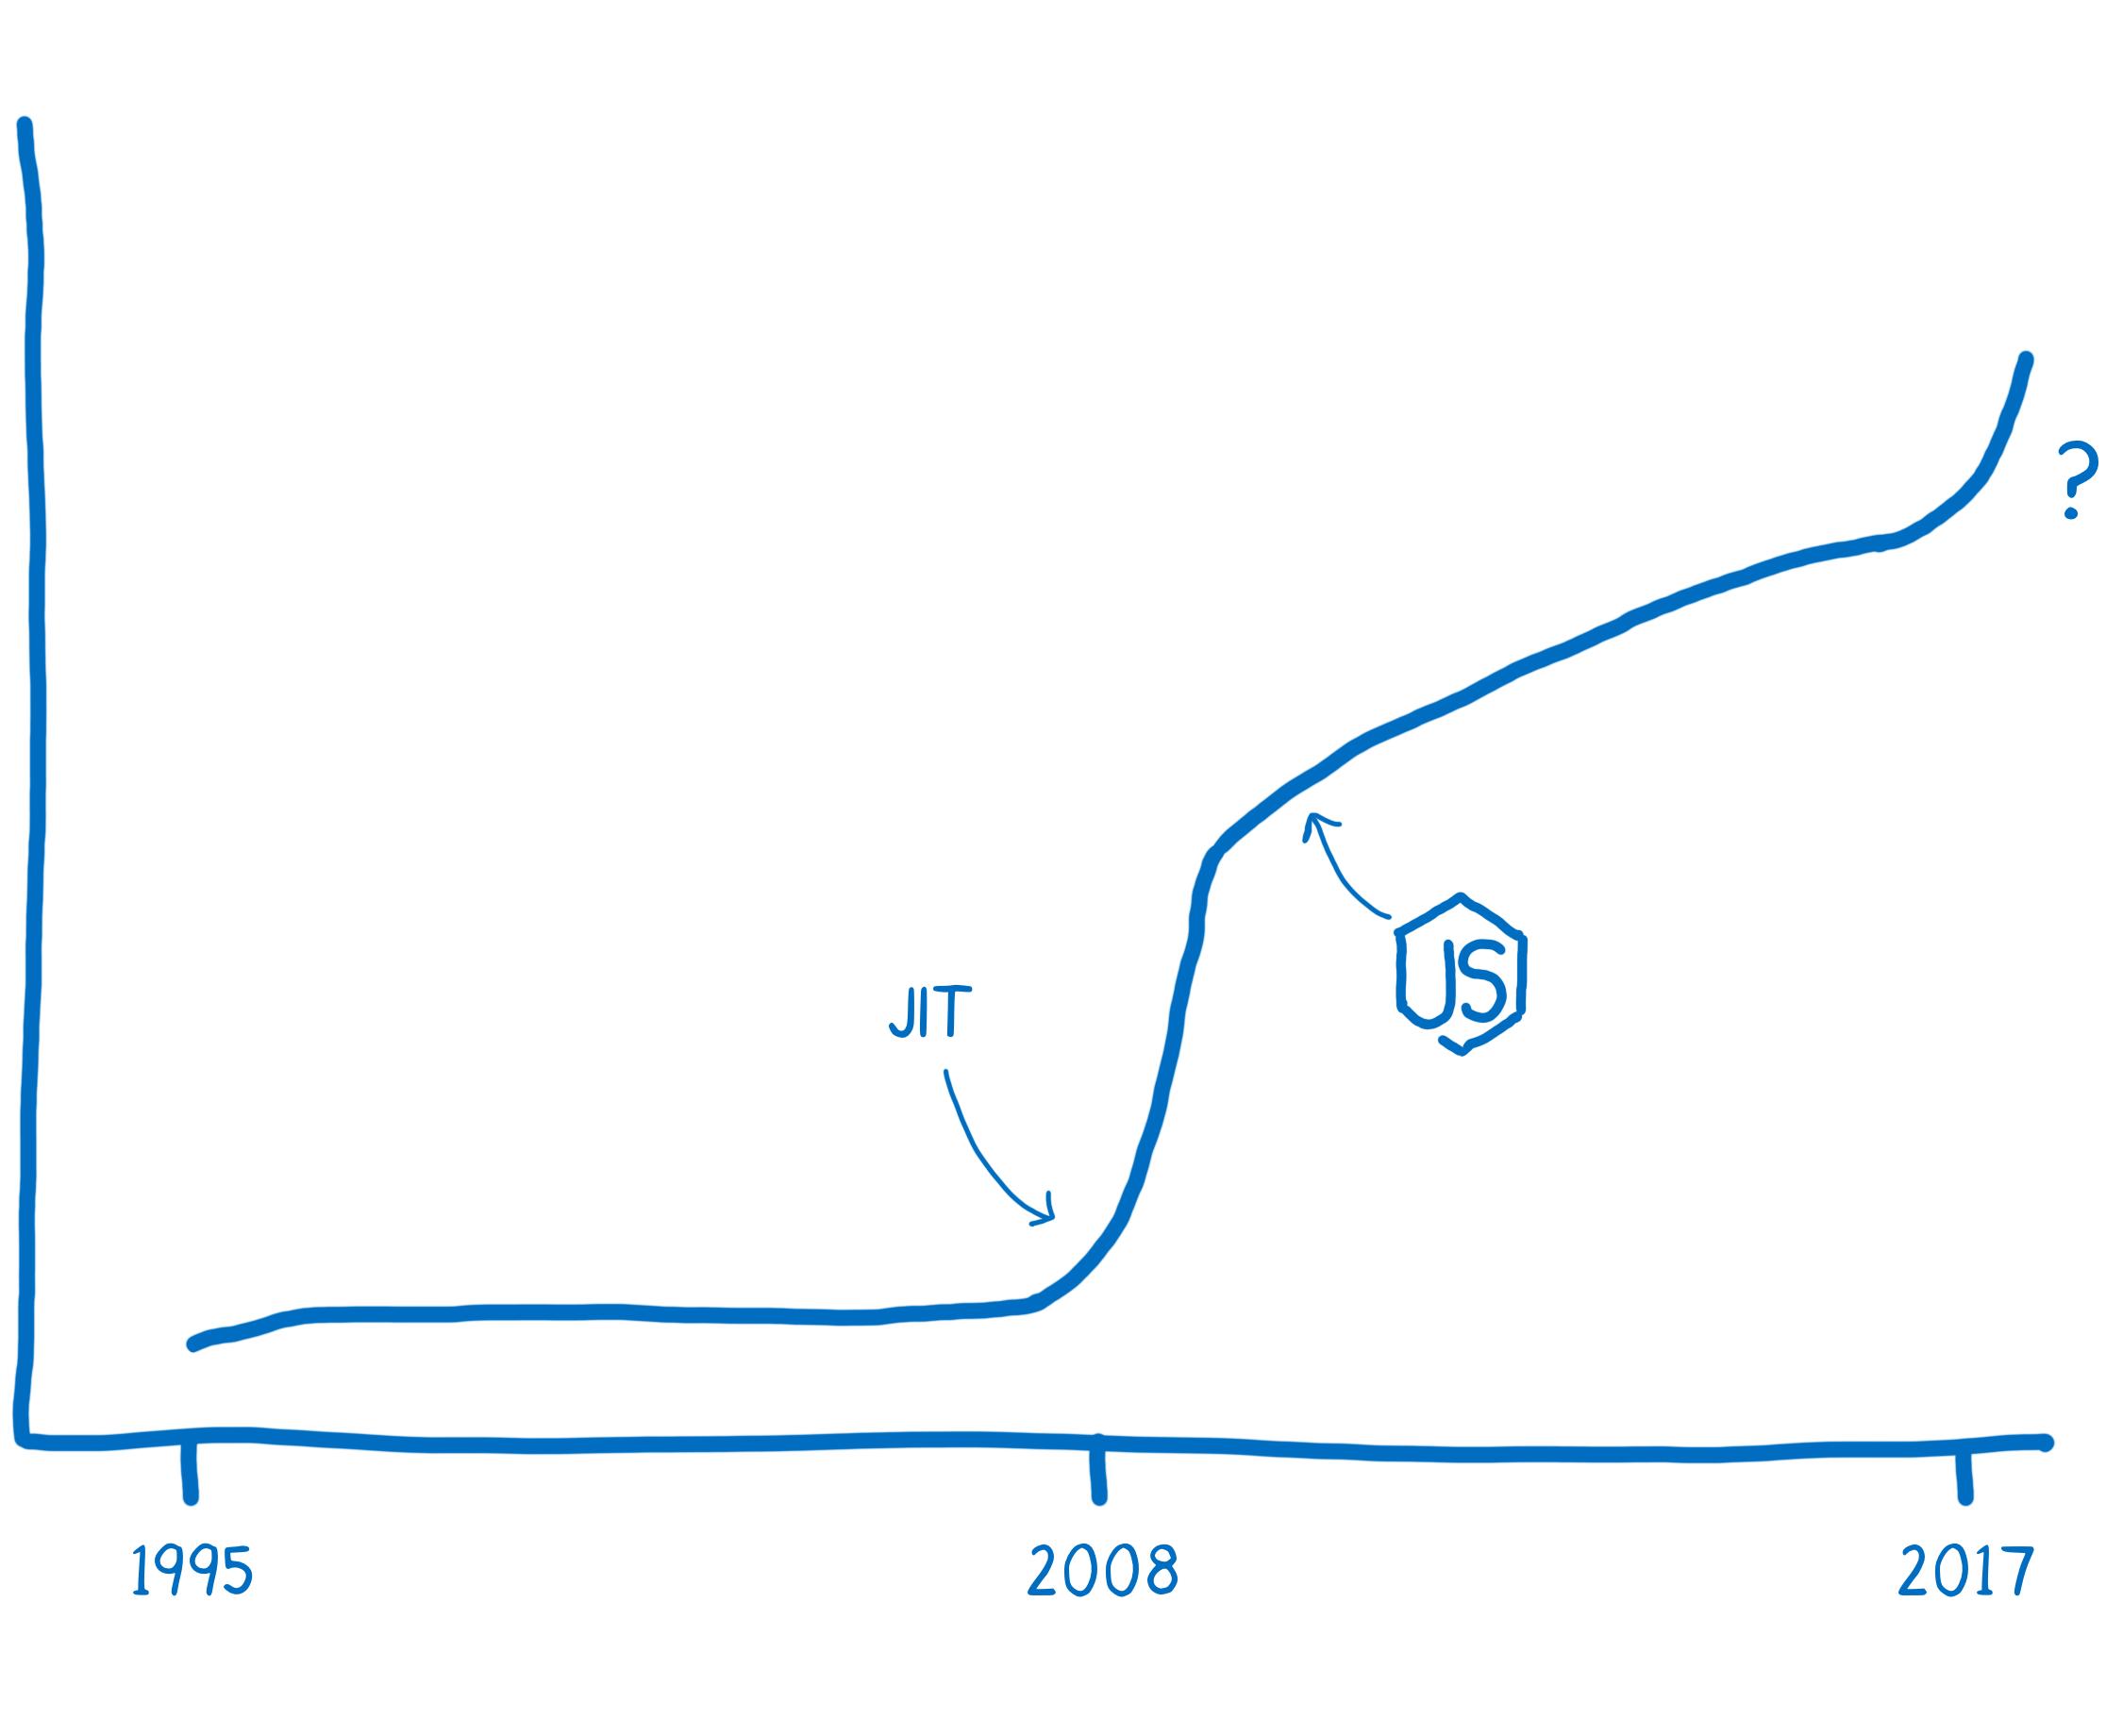 Courbe décrivant la progression des performances pour JavaScript jusqu'à aujourd'hui